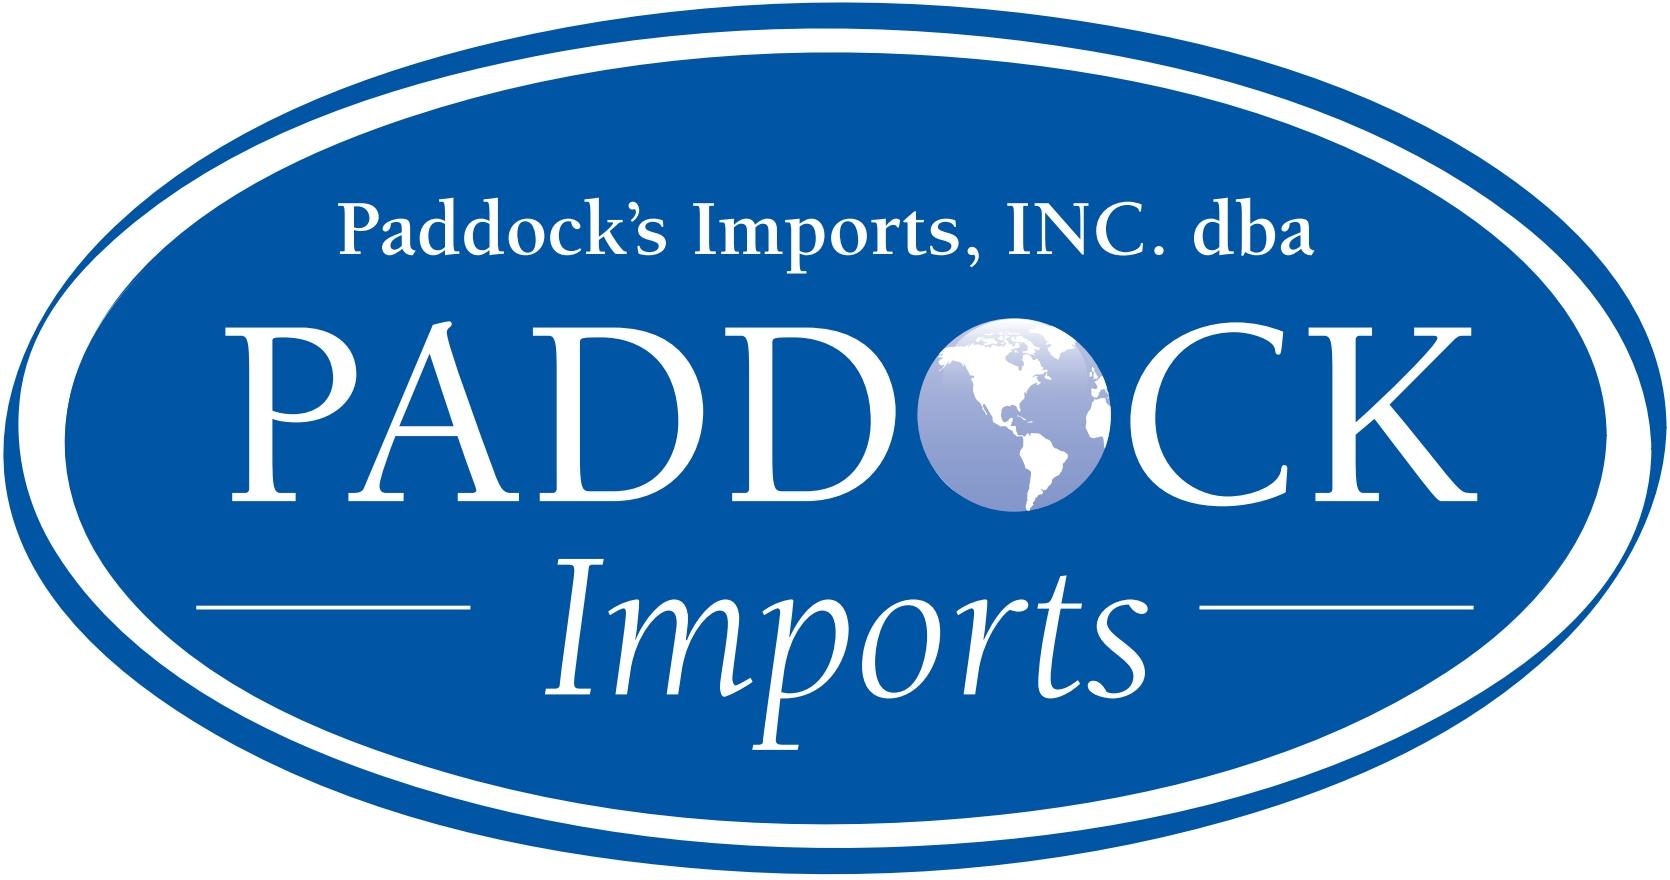 Paddock Imports